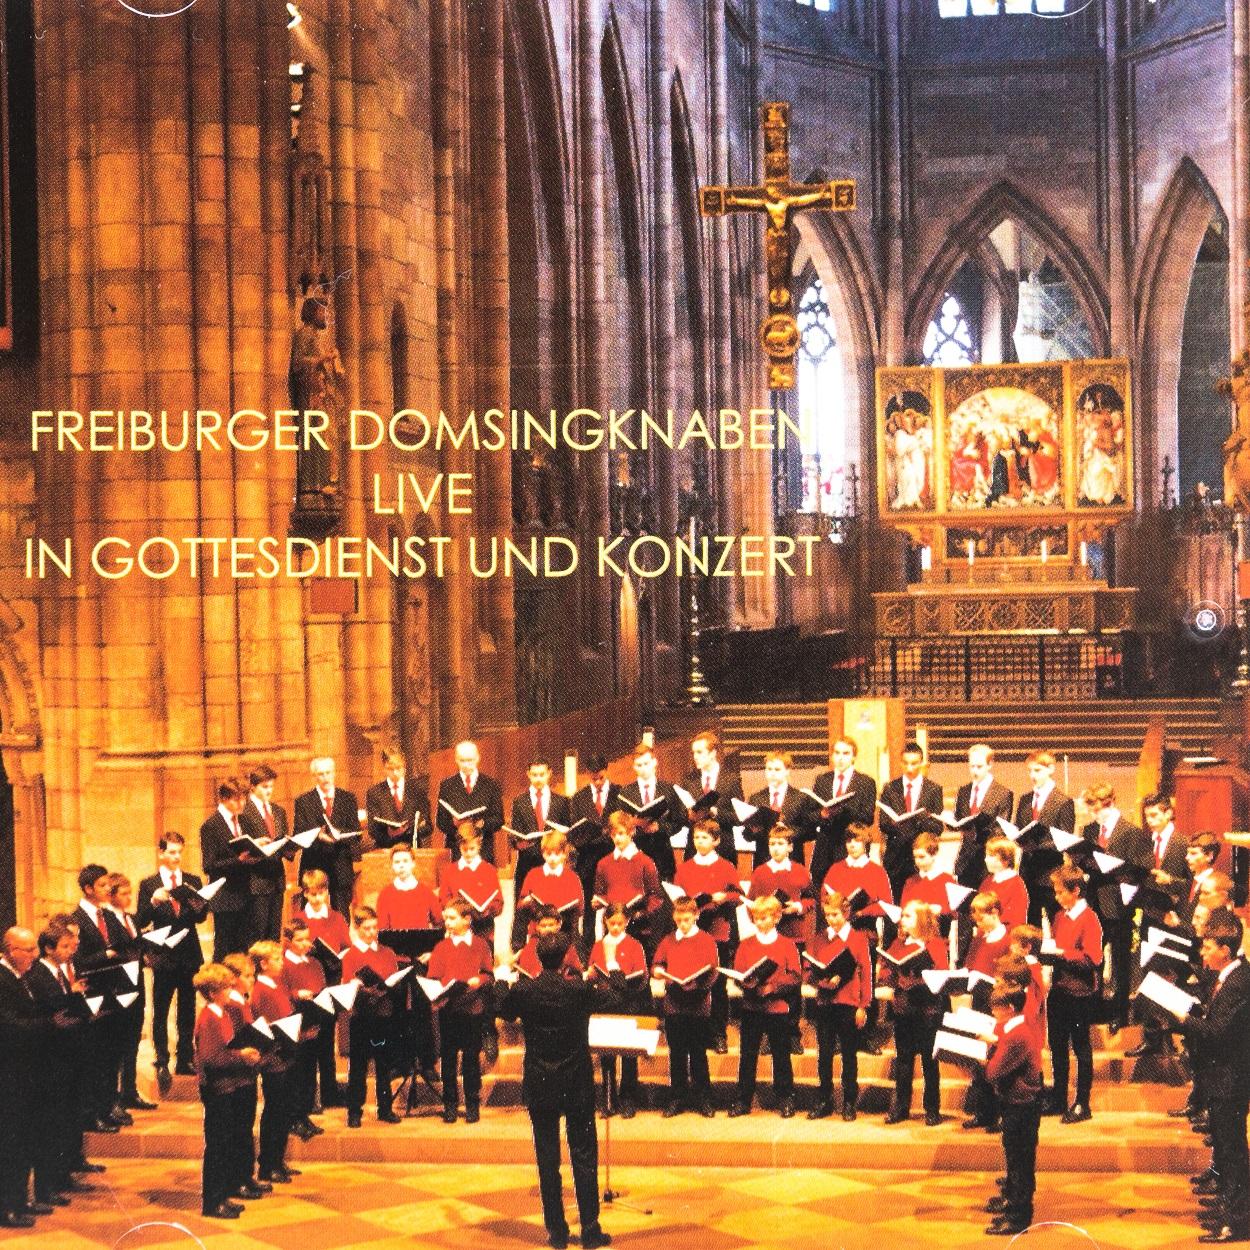 Münsterladen Freiburg CD Musik Domsingknaben live